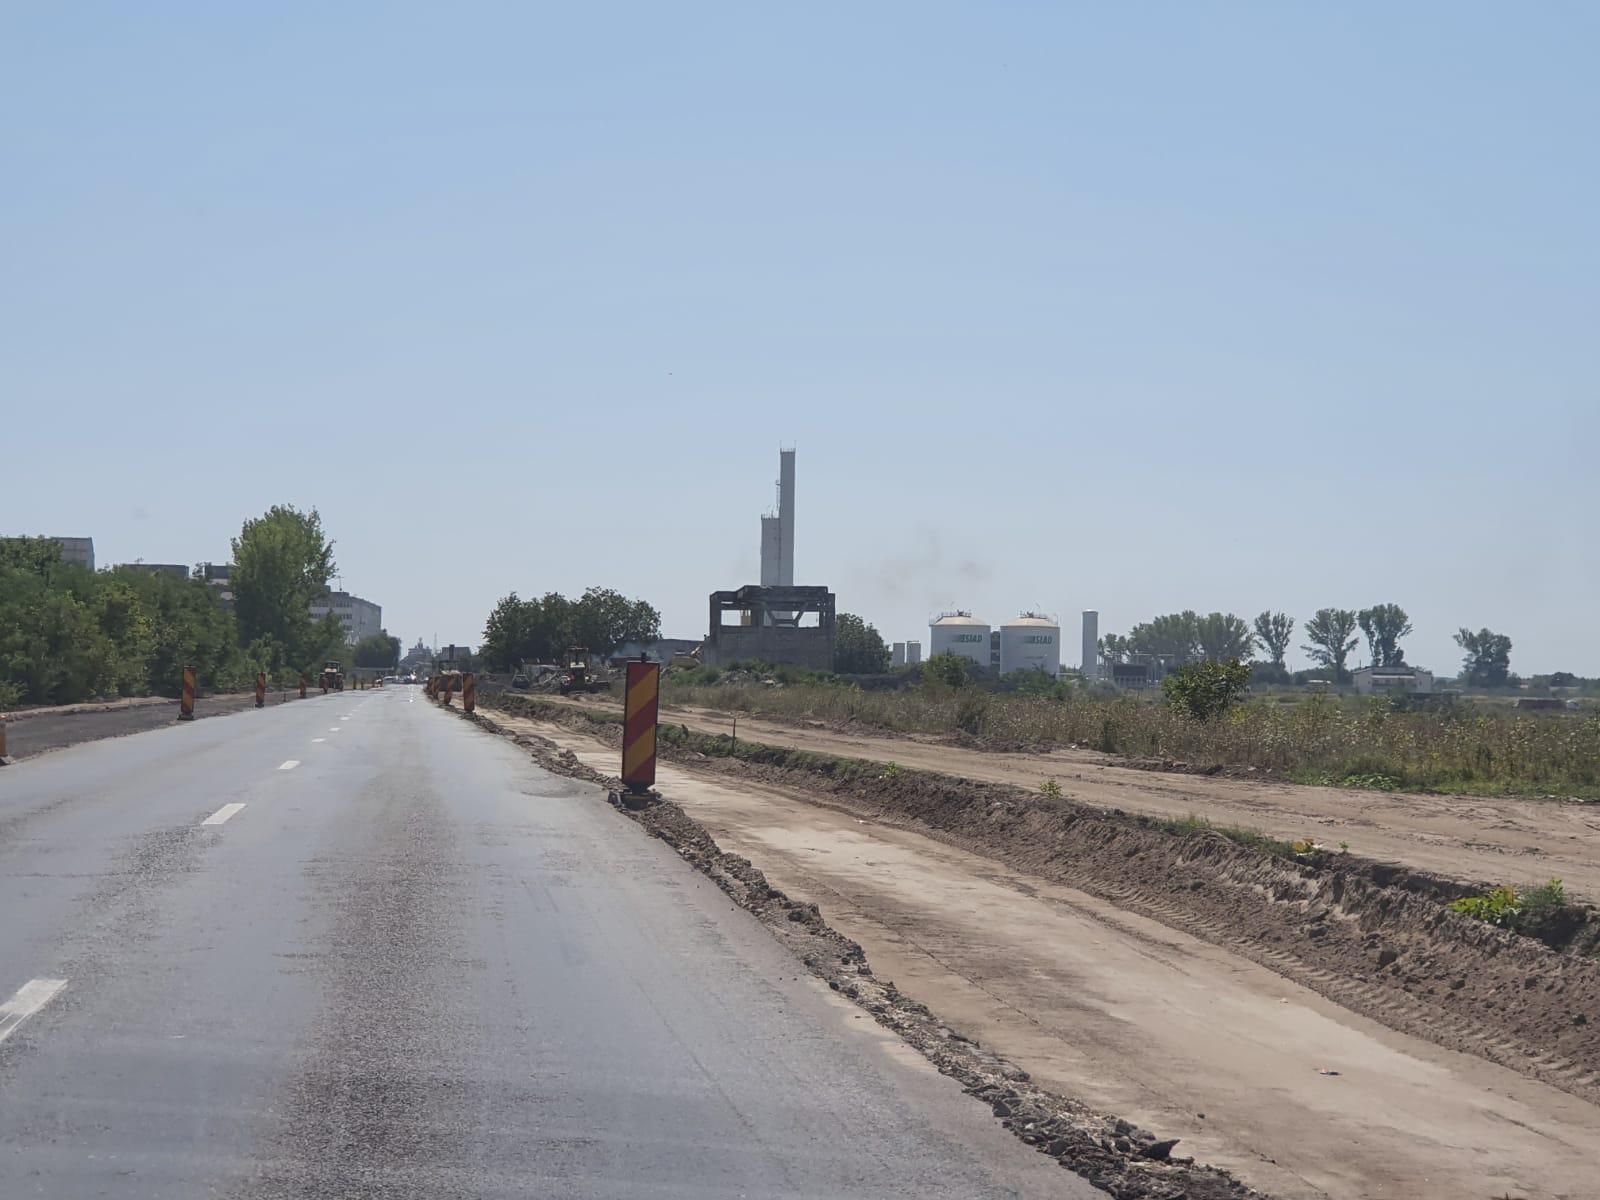 Primăria Municipiului Călărași vine cu precizări legate de lucrările la drumul de acces din incinta Siderca (DJ 306A).